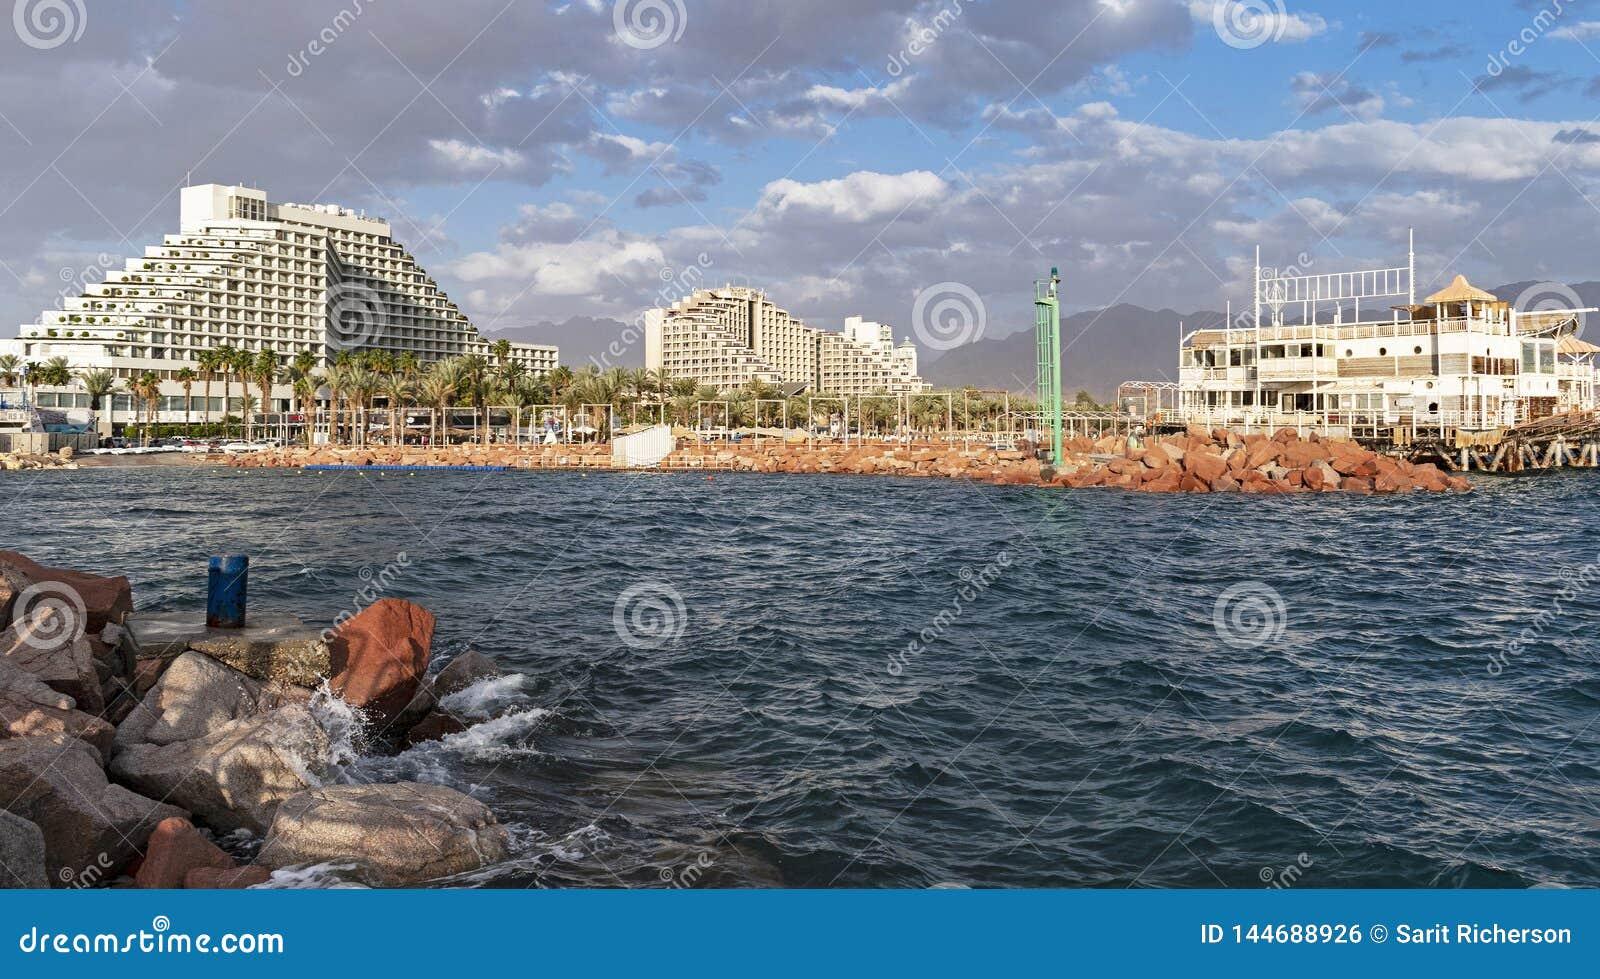 埃拉特盐水湖和旅馆区域在以色列